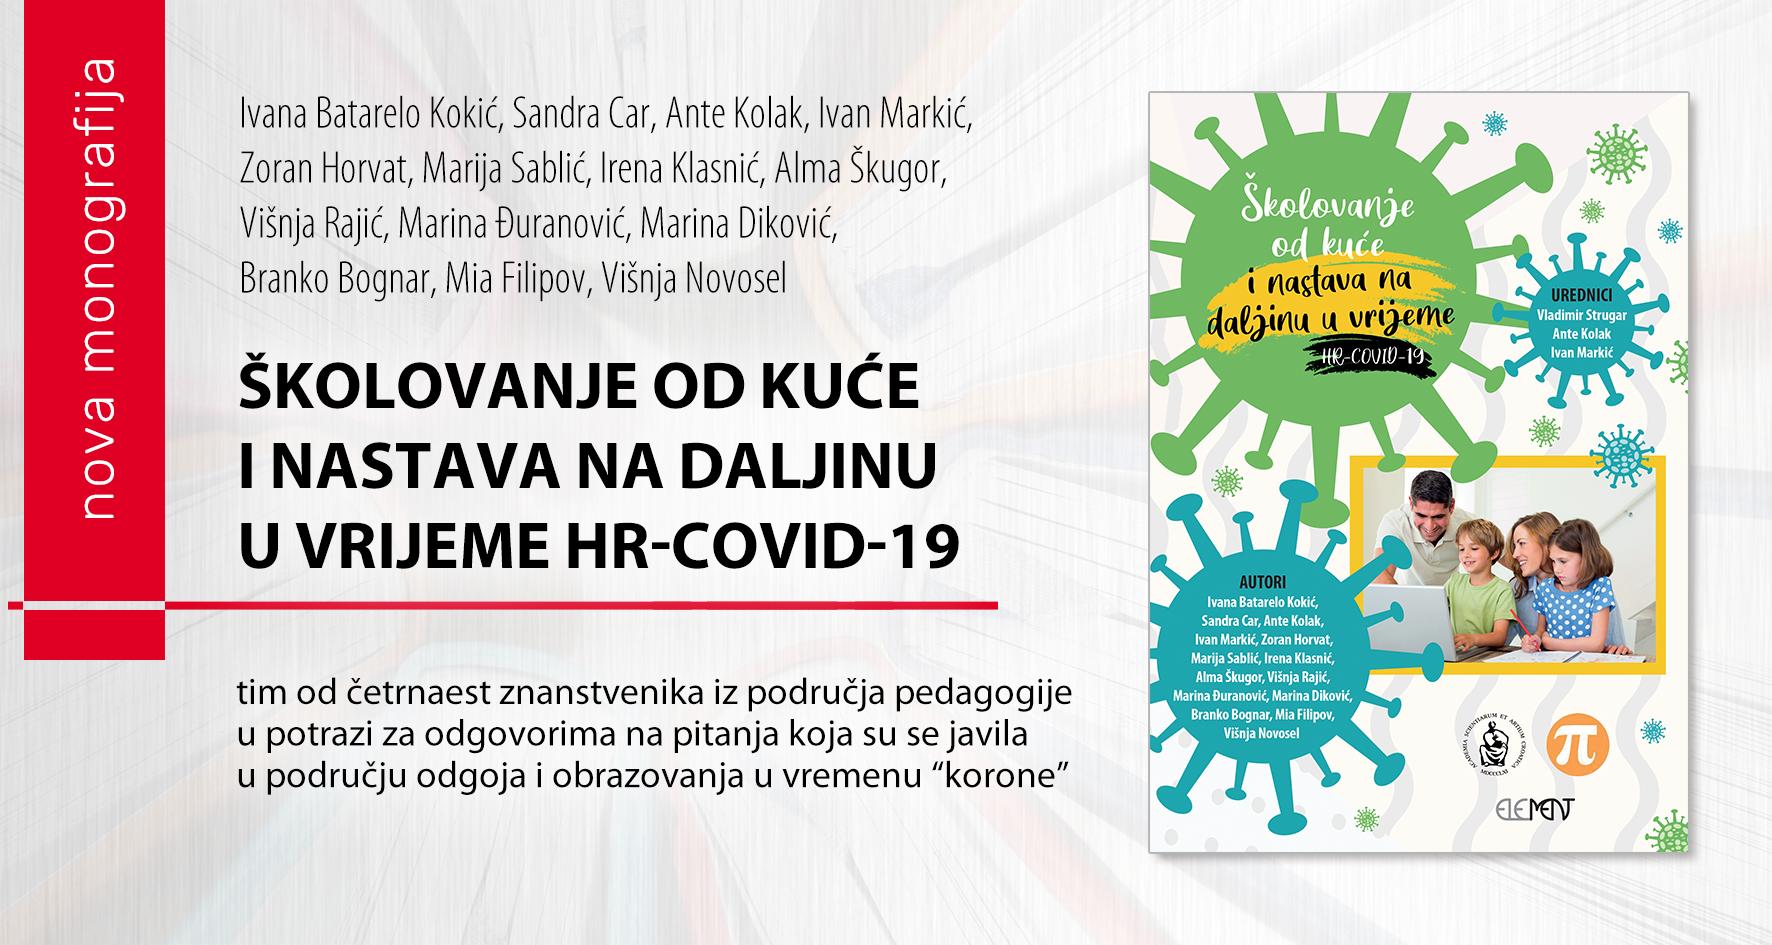 Školovanje od kuće i nastava na daljinu u vrijeme HR-COVID-19